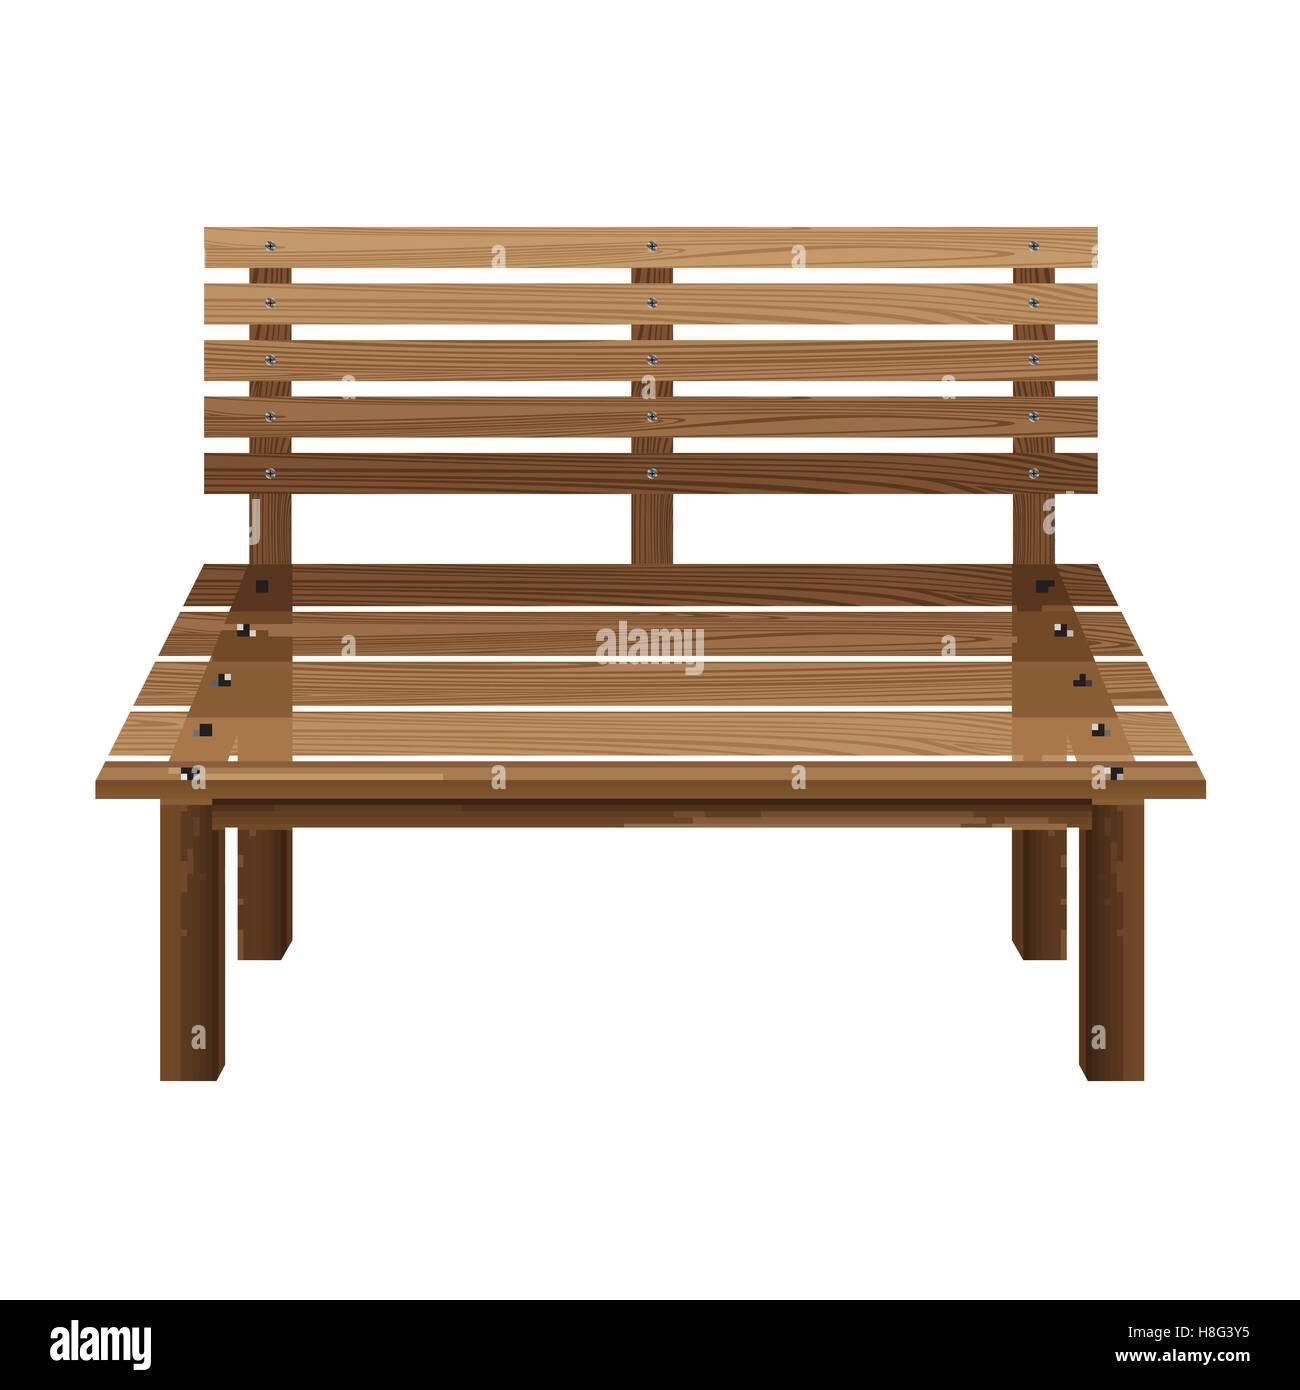 Außergewöhnlich Bank Möbel Galerie Von Bank, Holz, Stuhl, Tration, Flach, Isoliert, Park,